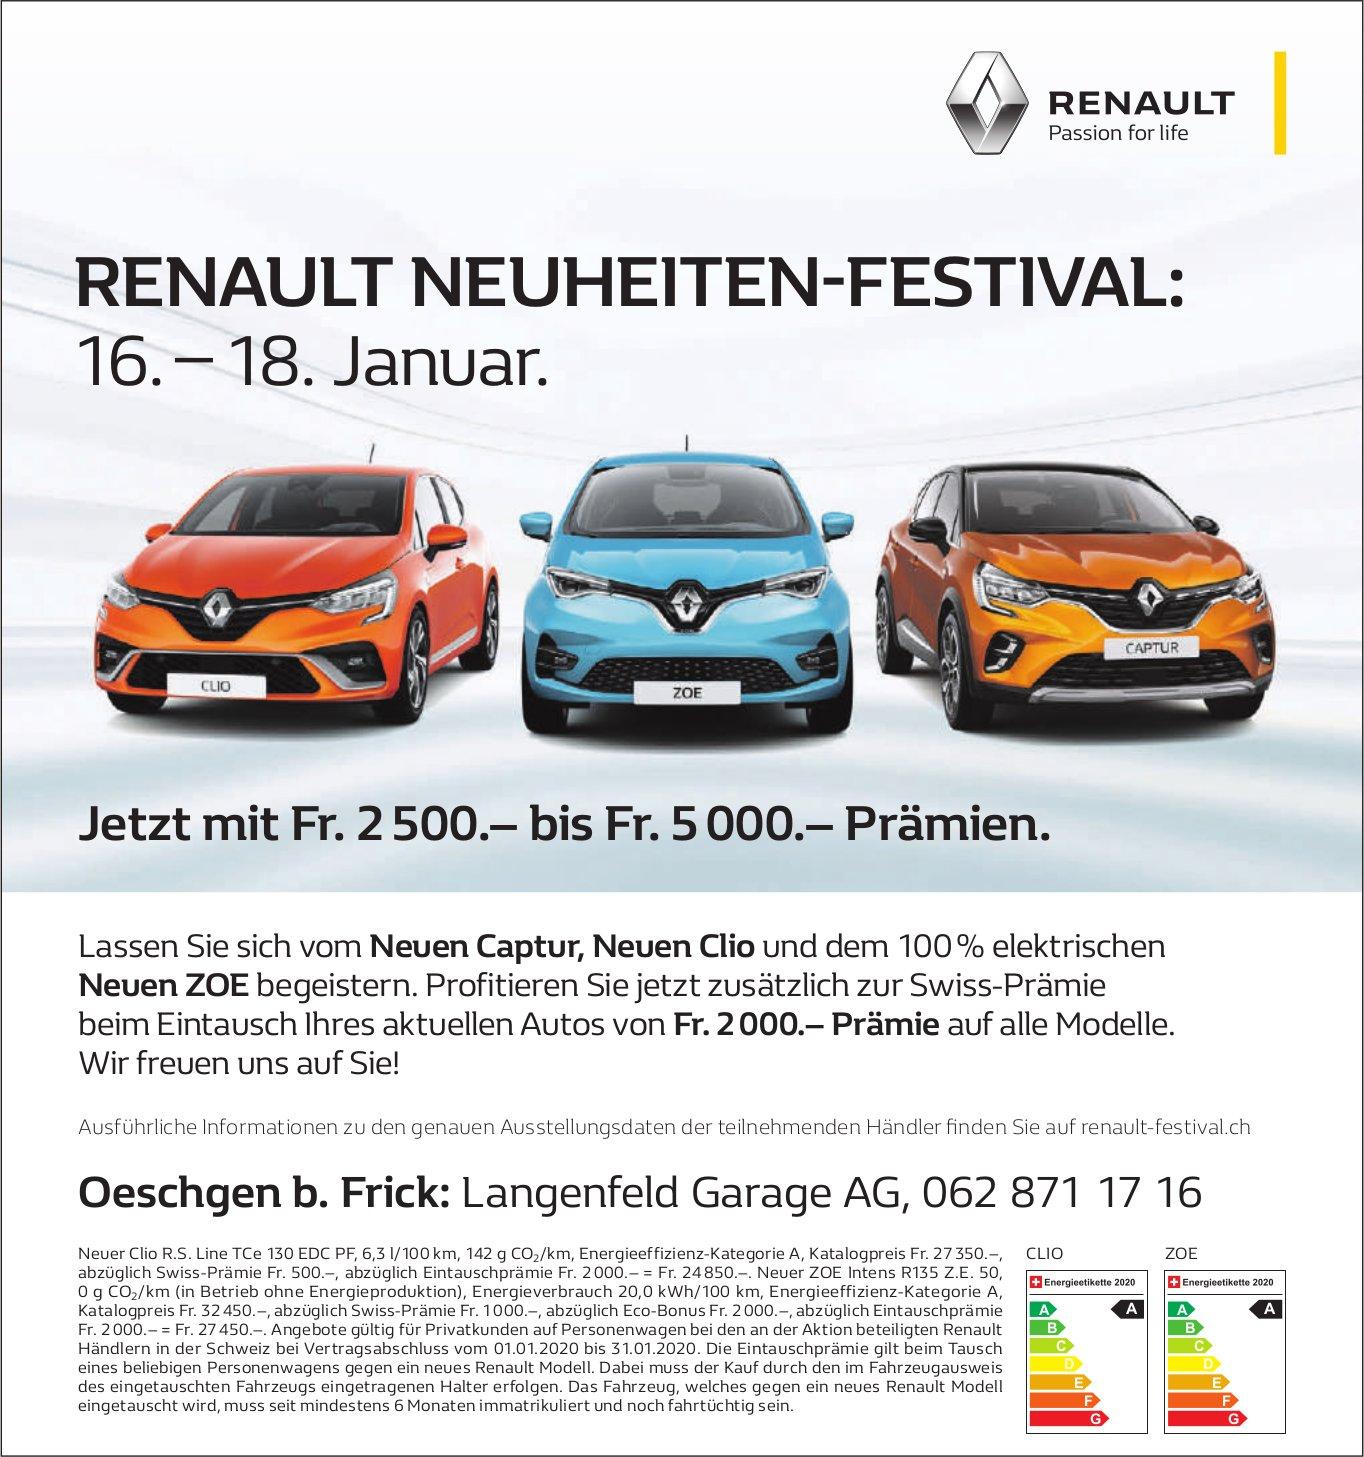 Langenfeld Garage AG - RENAULT NEUHEITEN-FESTIVAL: 16. – 18. Januar.